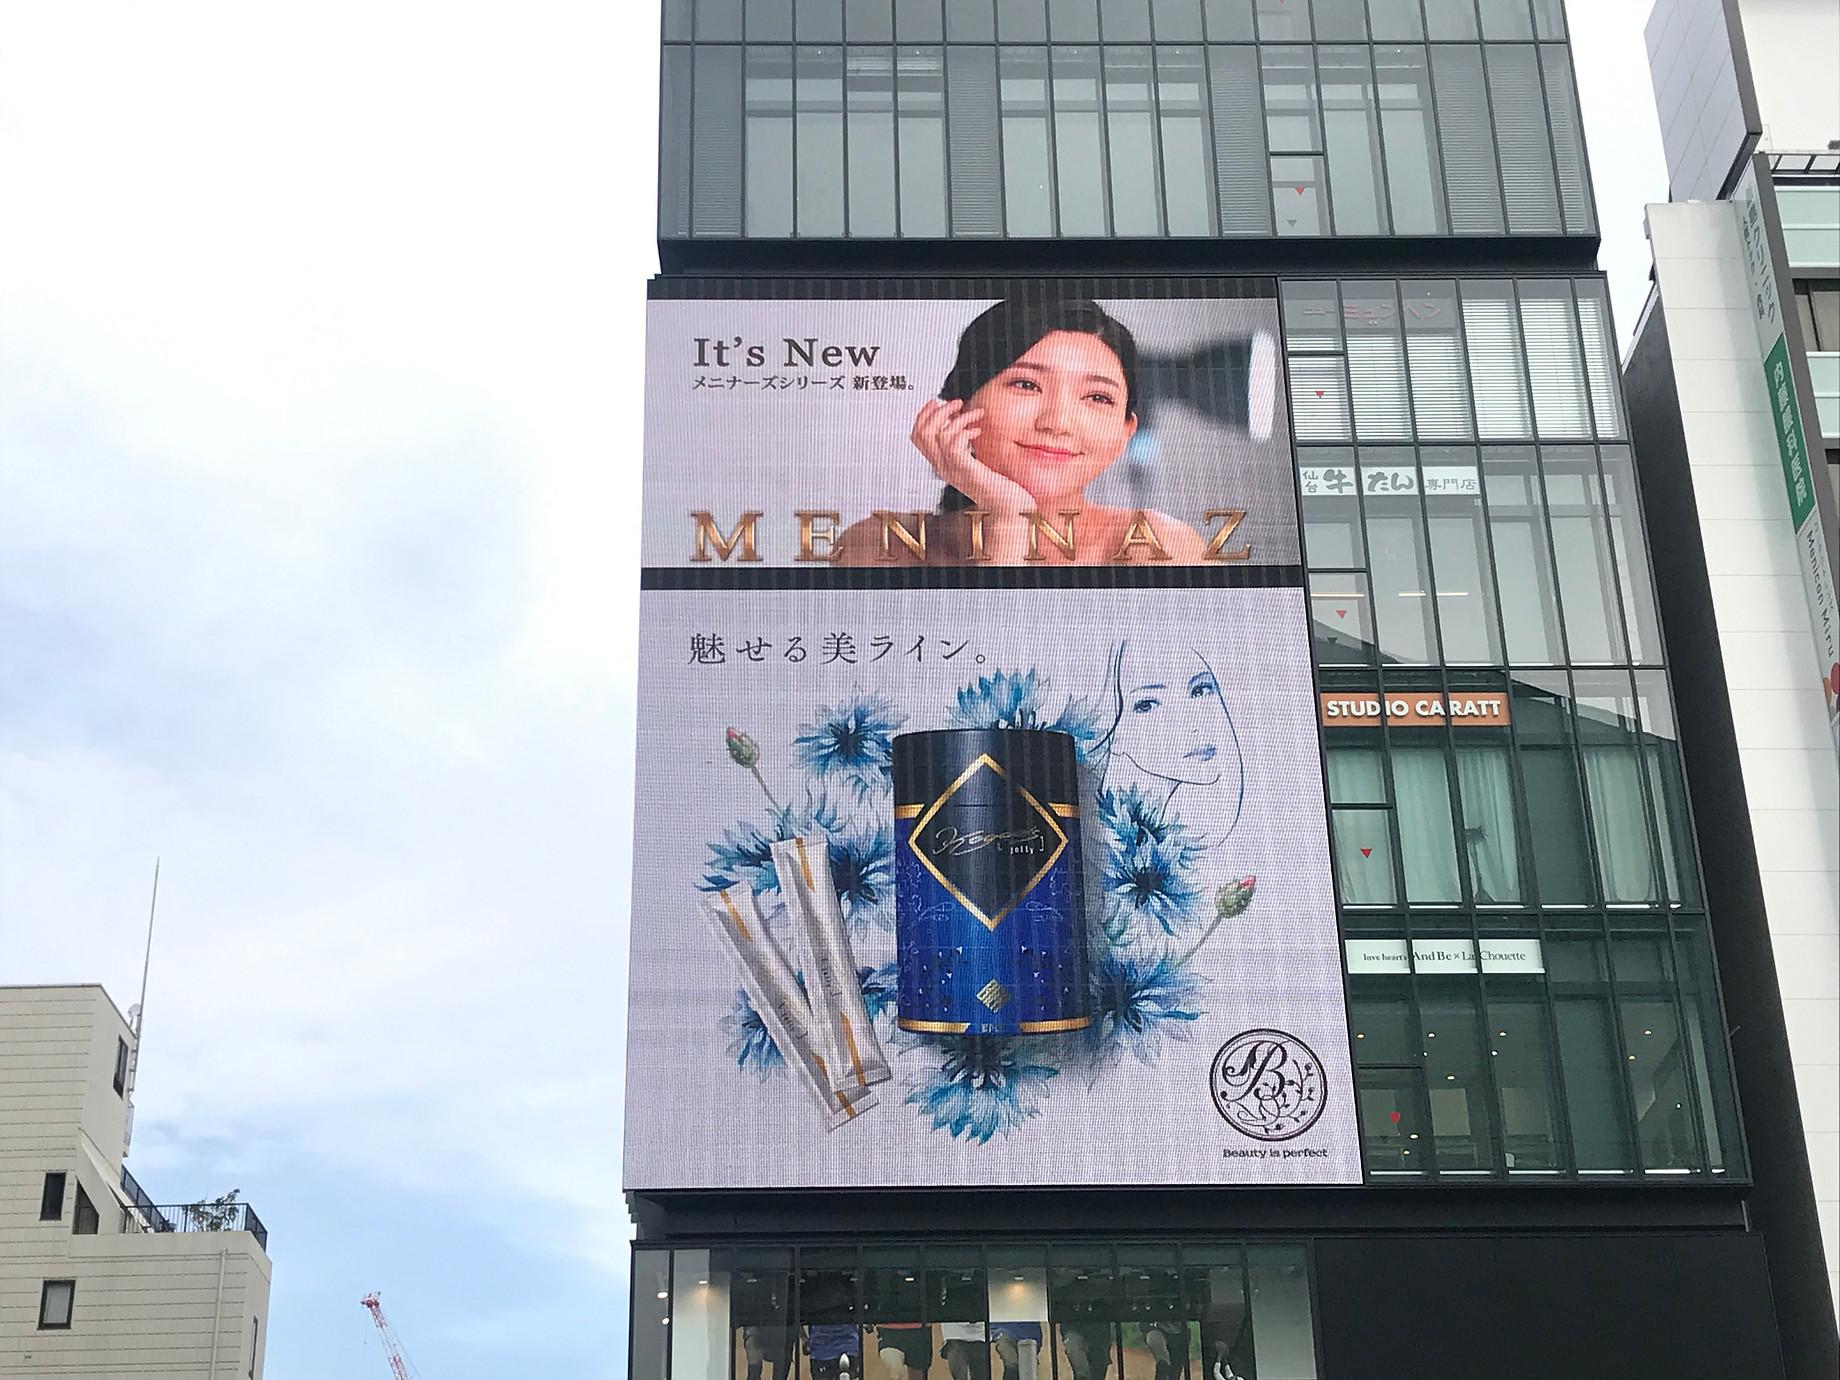 大阪府 心斎橋で「kogao's」の大型広告掲載中!